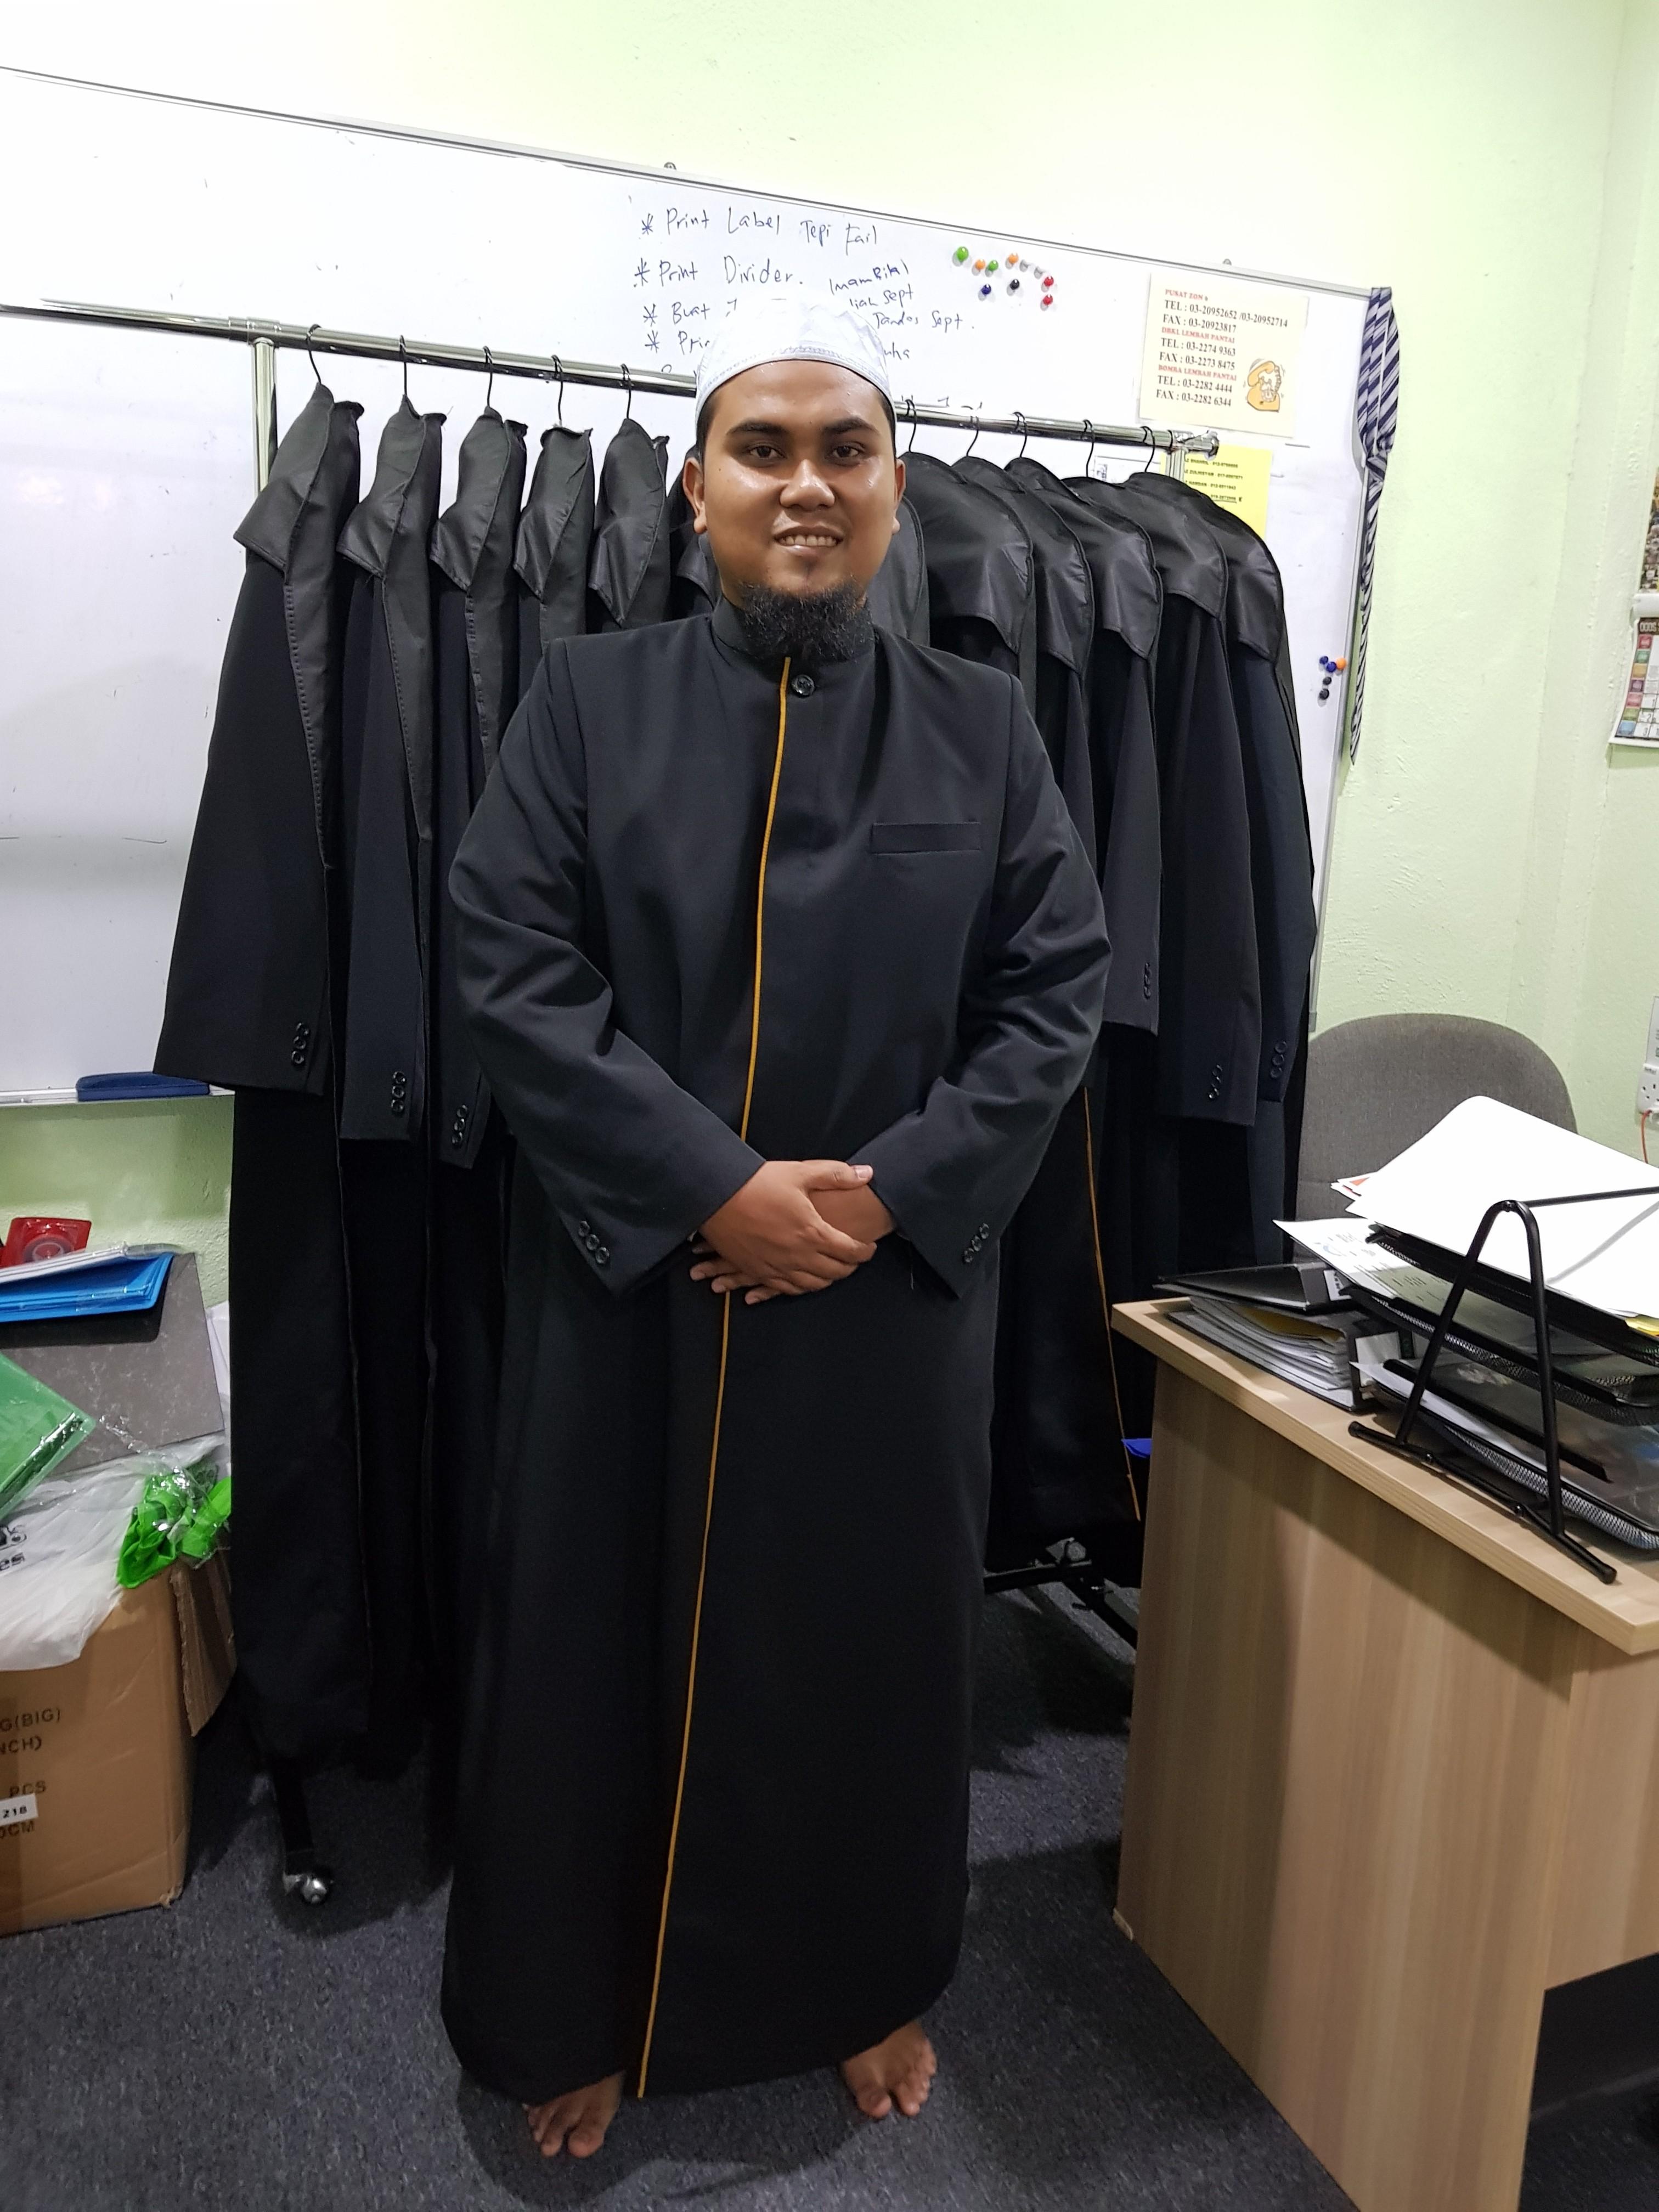 tempahan jubah imam coat imam thobe